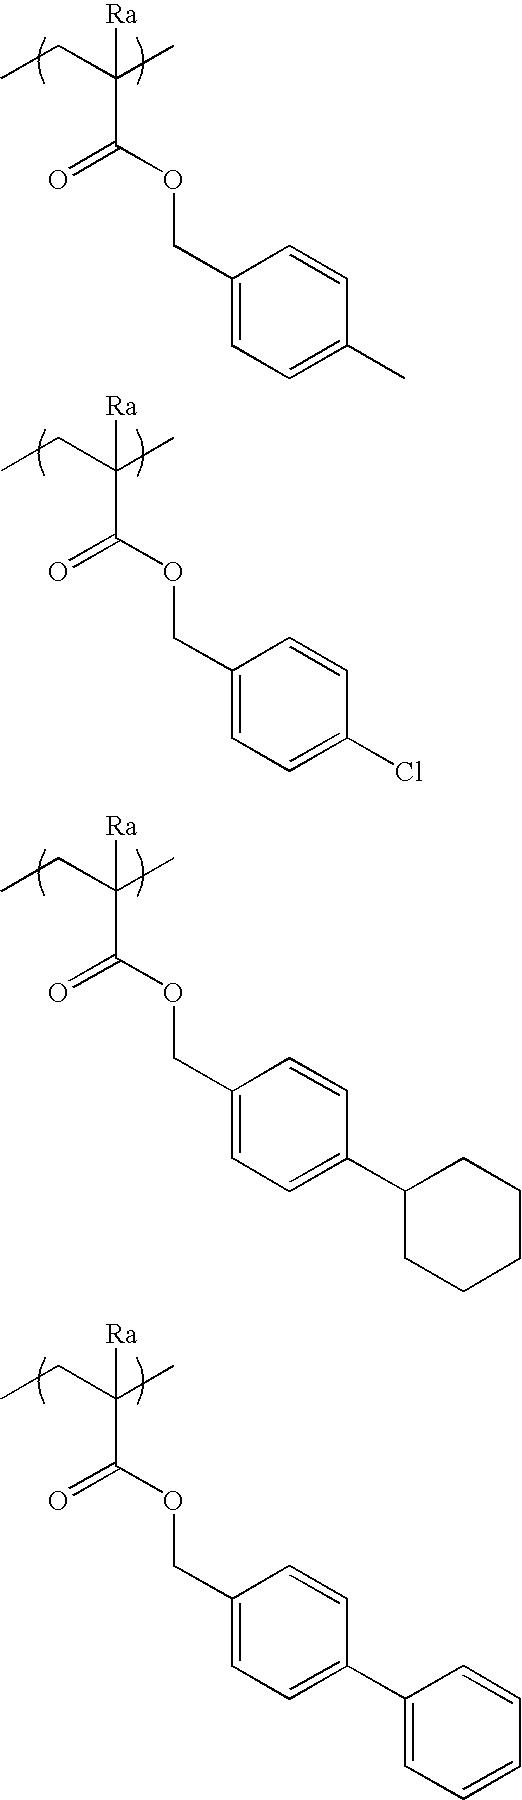 Figure US08852845-20141007-C00145